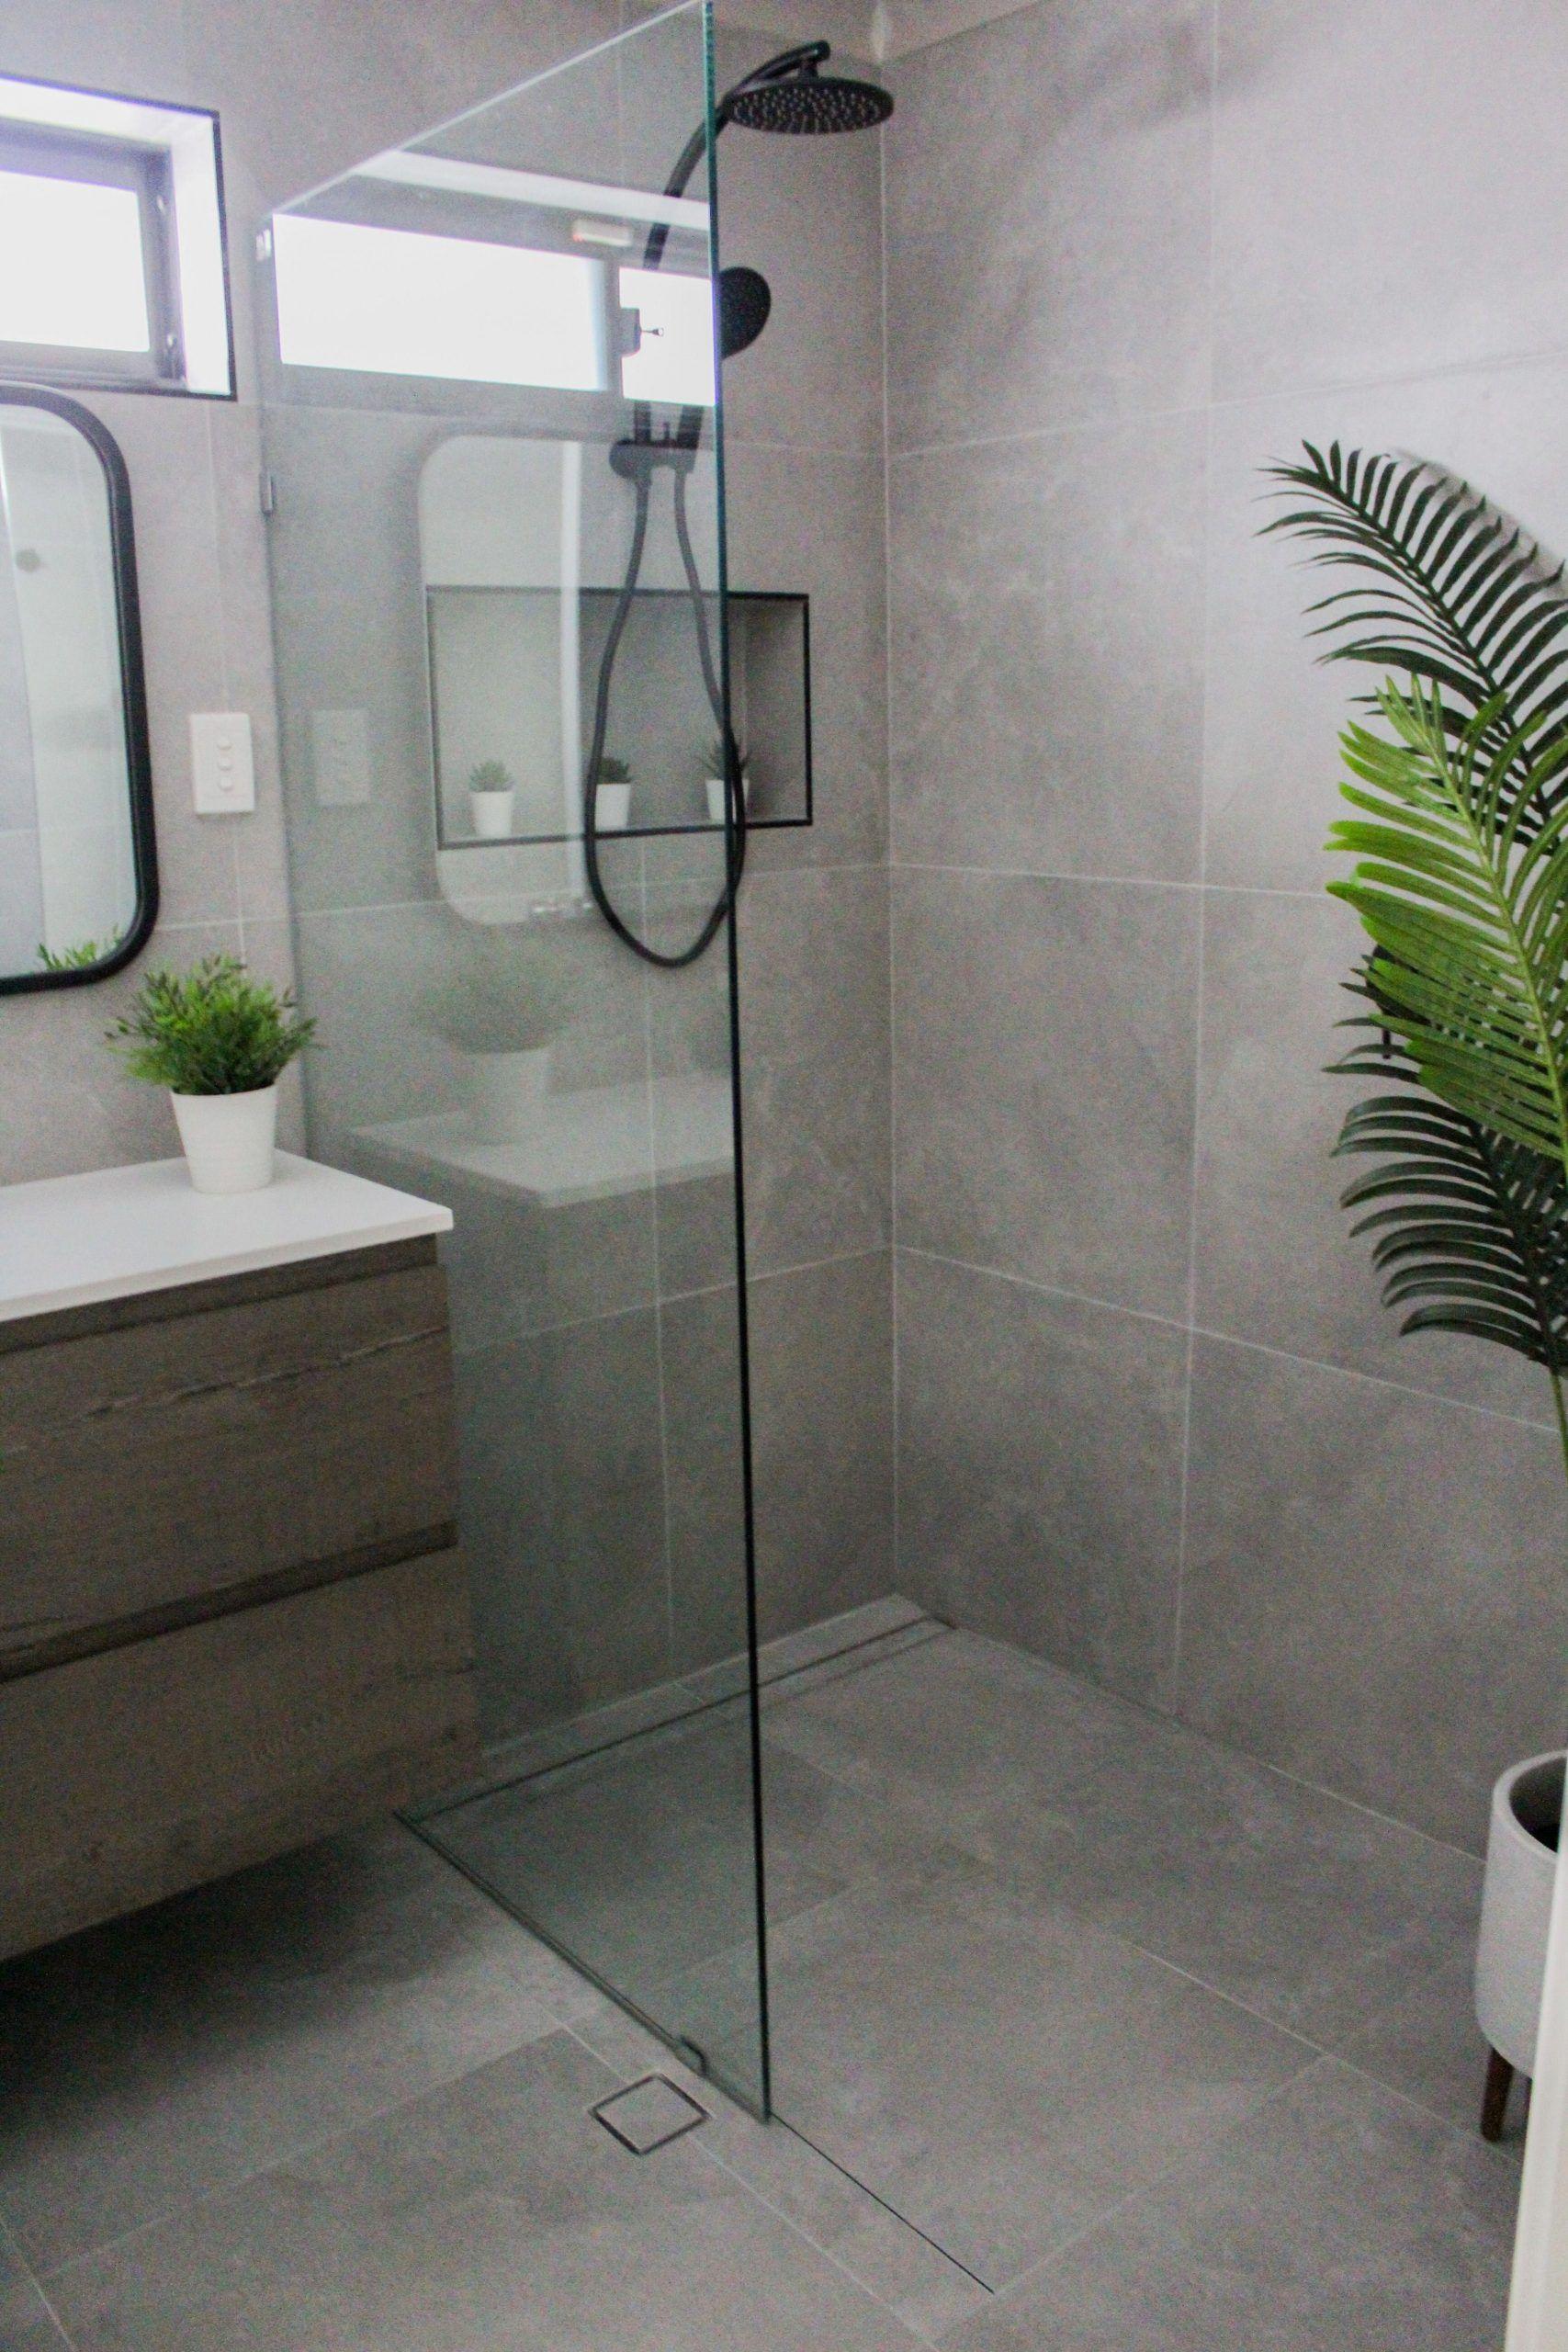 Walk In Shower Fixed Panel Shower Frameless Shower Screen Wall Hung Vanity G Fixed Frameless Hung Pa In 2020 Frameless Shower Wall Hung Vanity Walk In Shower